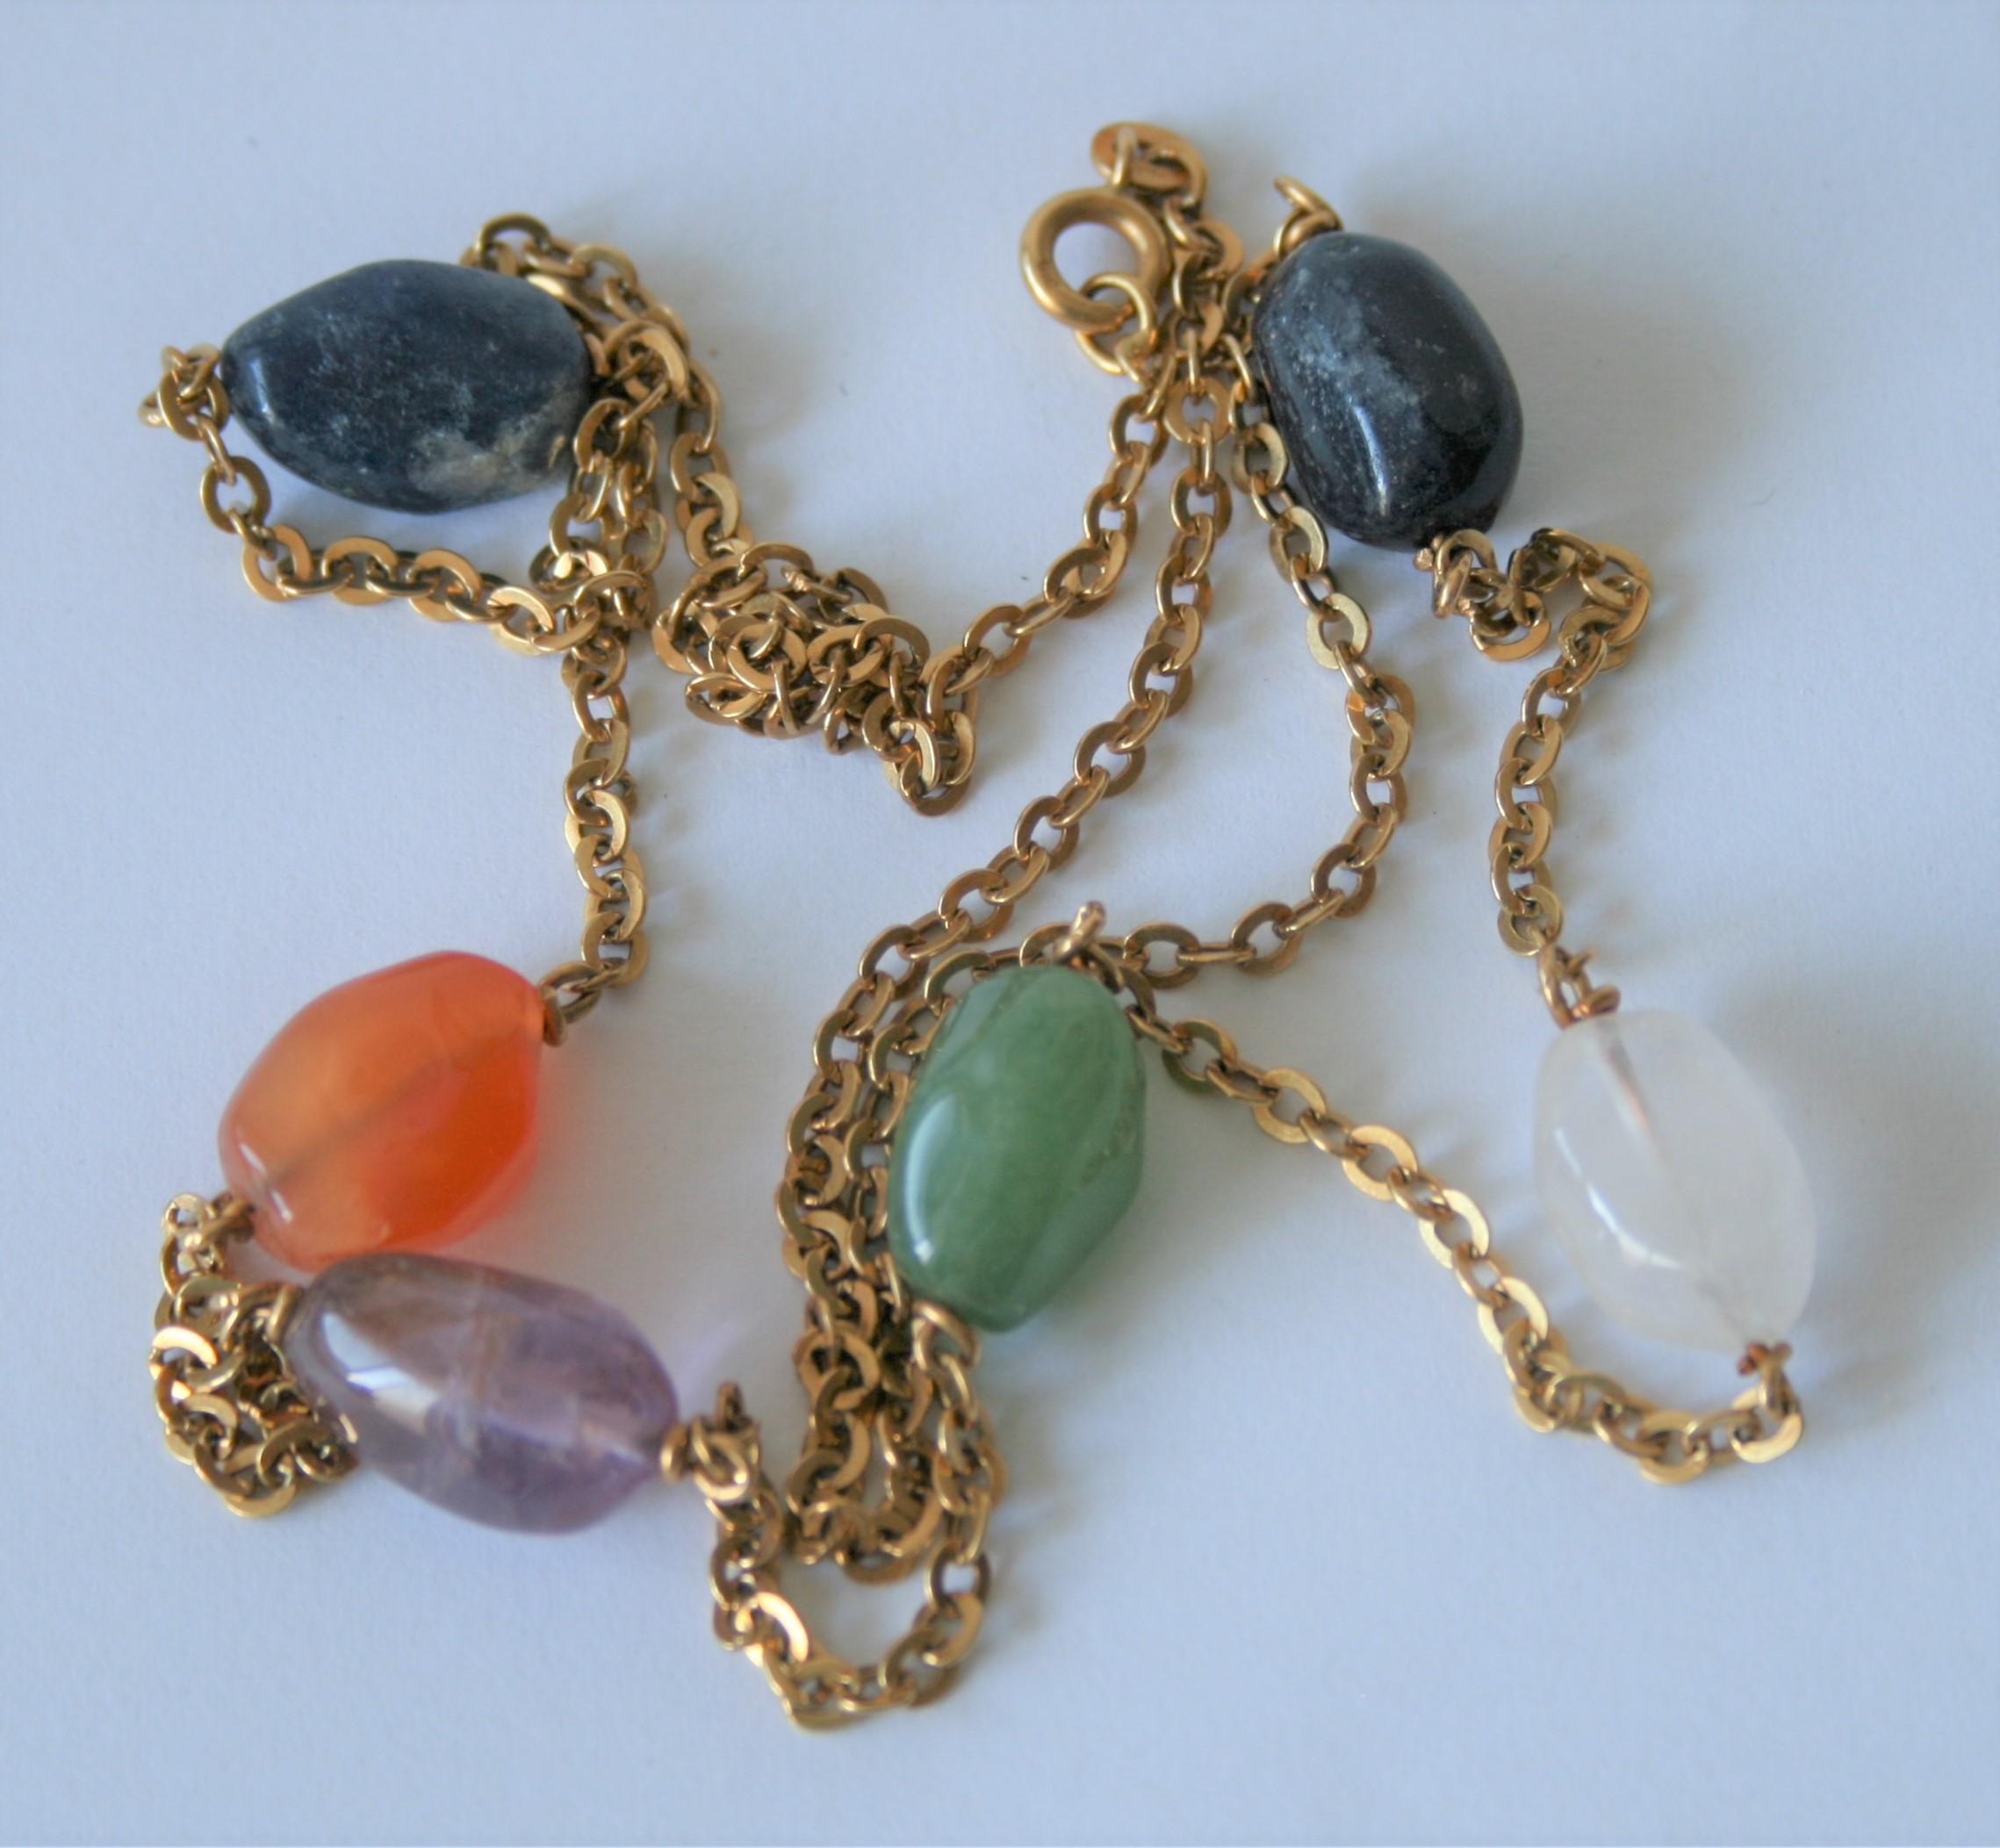 Collier en or 18 ct agrémenté de 6 pierres de couleur - Poids brut : 25,28 g, [...]